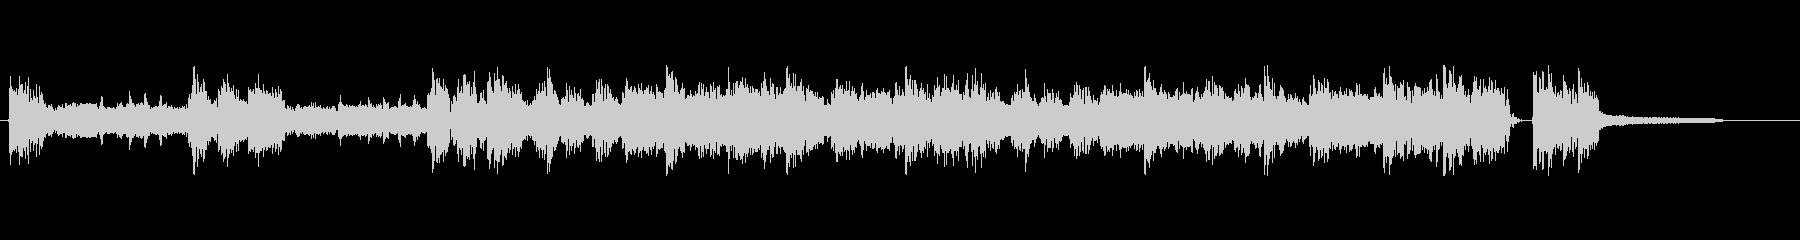 ロック音源15秒の未再生の波形